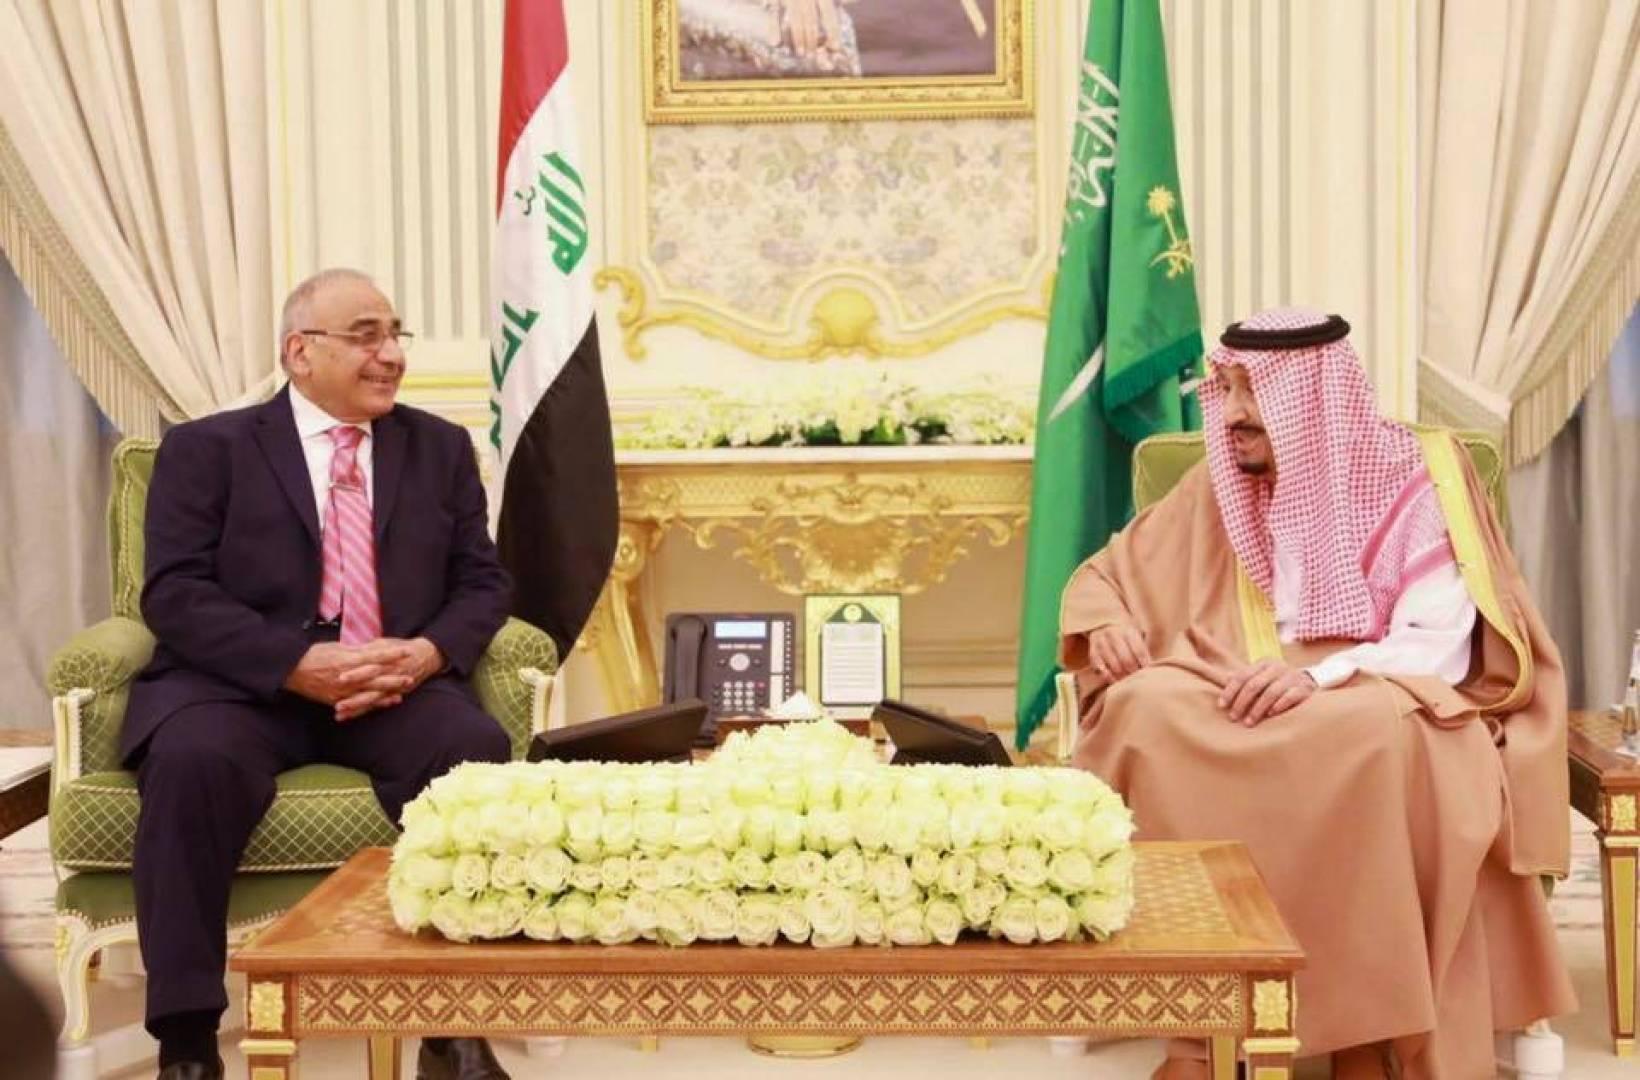 سياسي: على المنزعجين من التقارب بين بغداد والرياض ان يراجعوا وطنيتهم وانتمائهم اولا !!